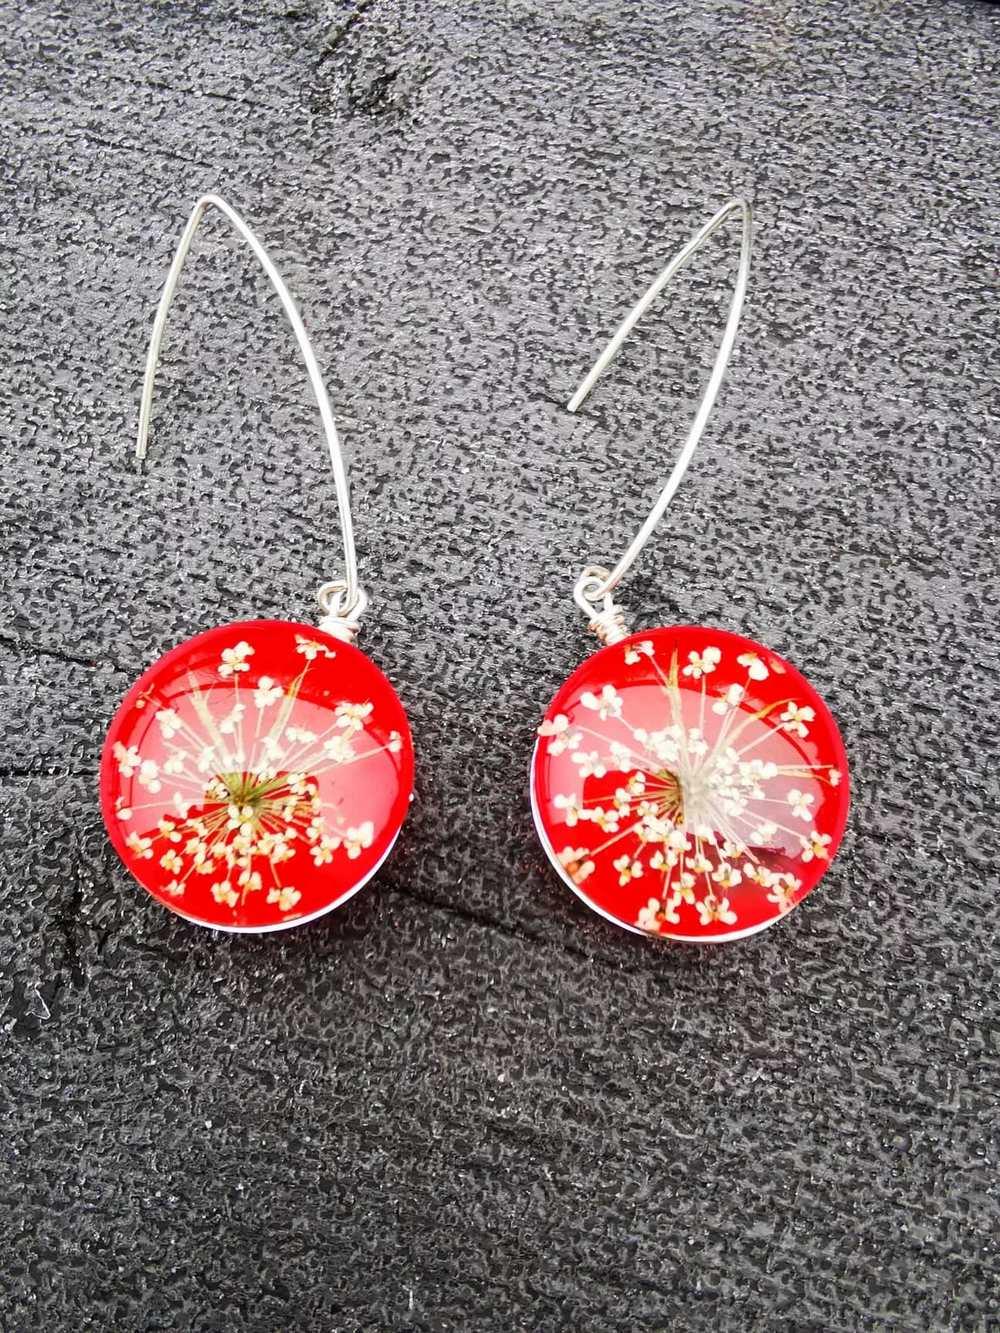 laura daili jewelry (13)